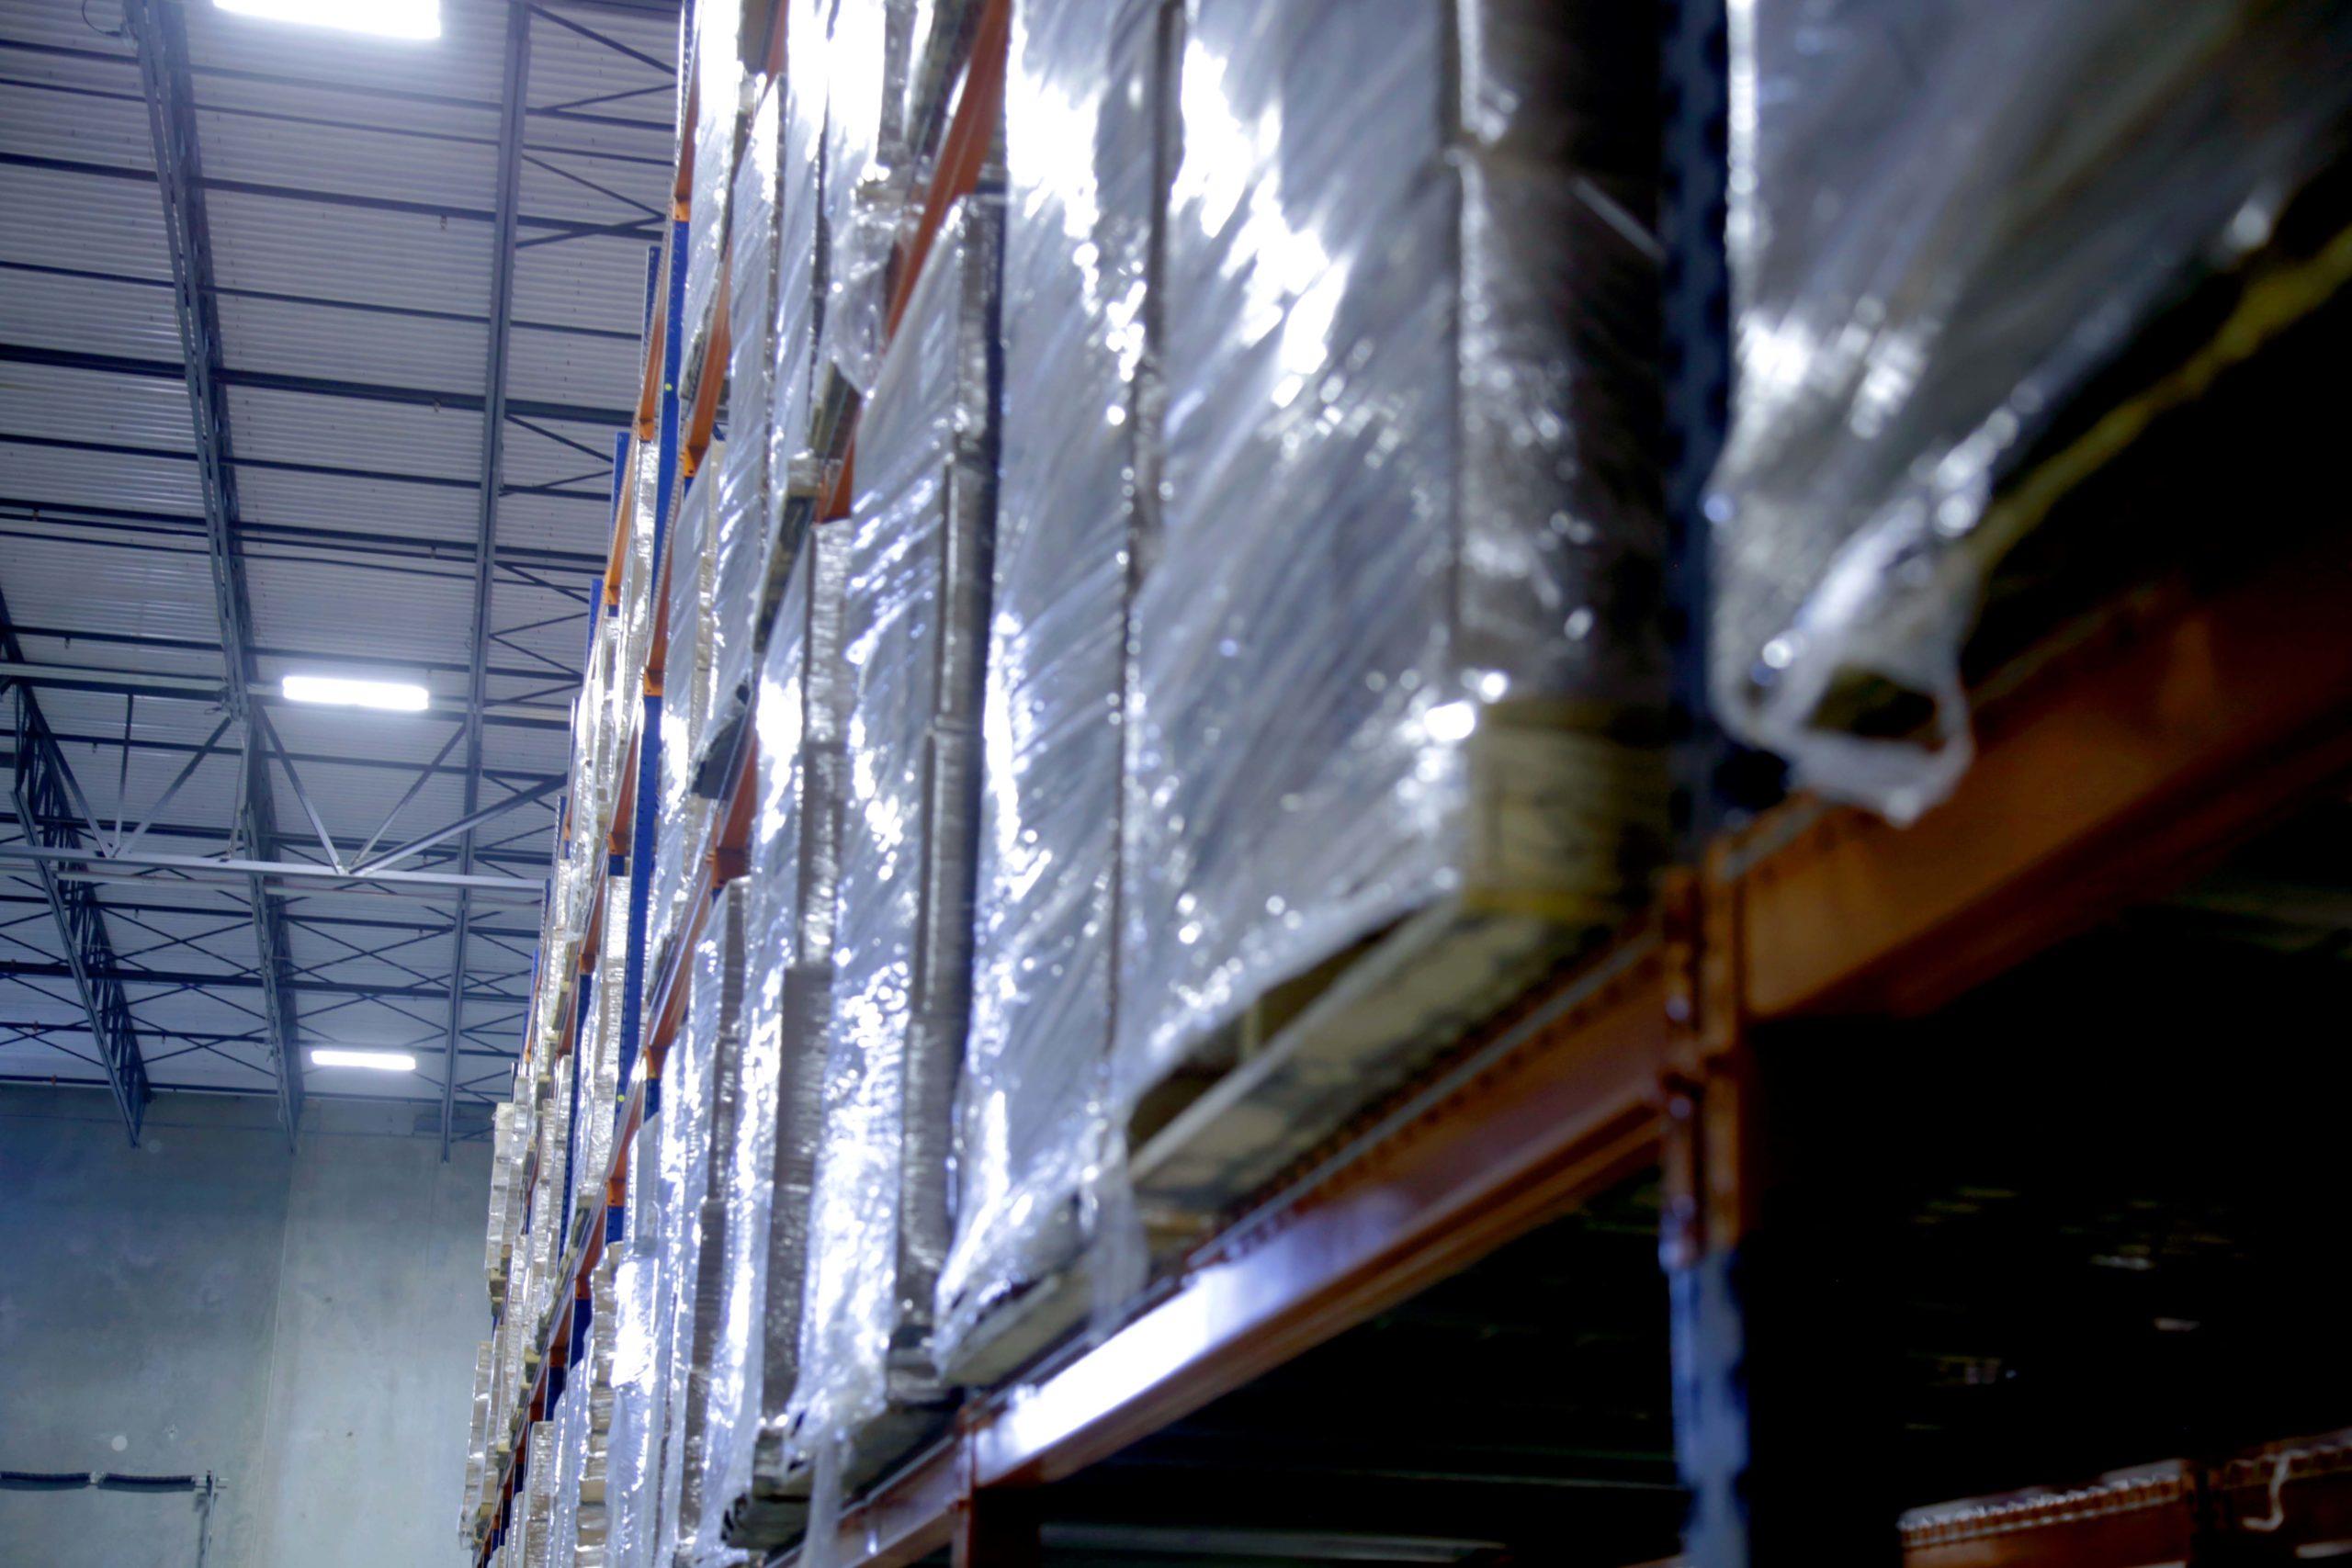 Interior Scarbrough Warehousing facility